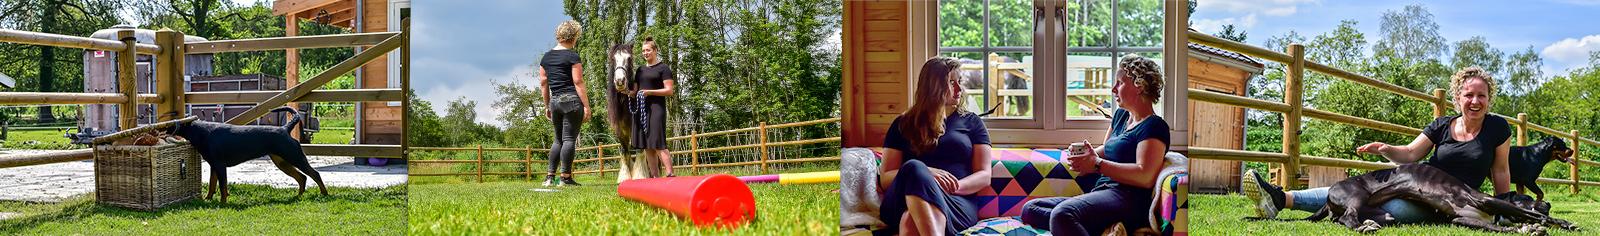 Kracht op Poten - CREF-therapie met honden en paarden, in Twente